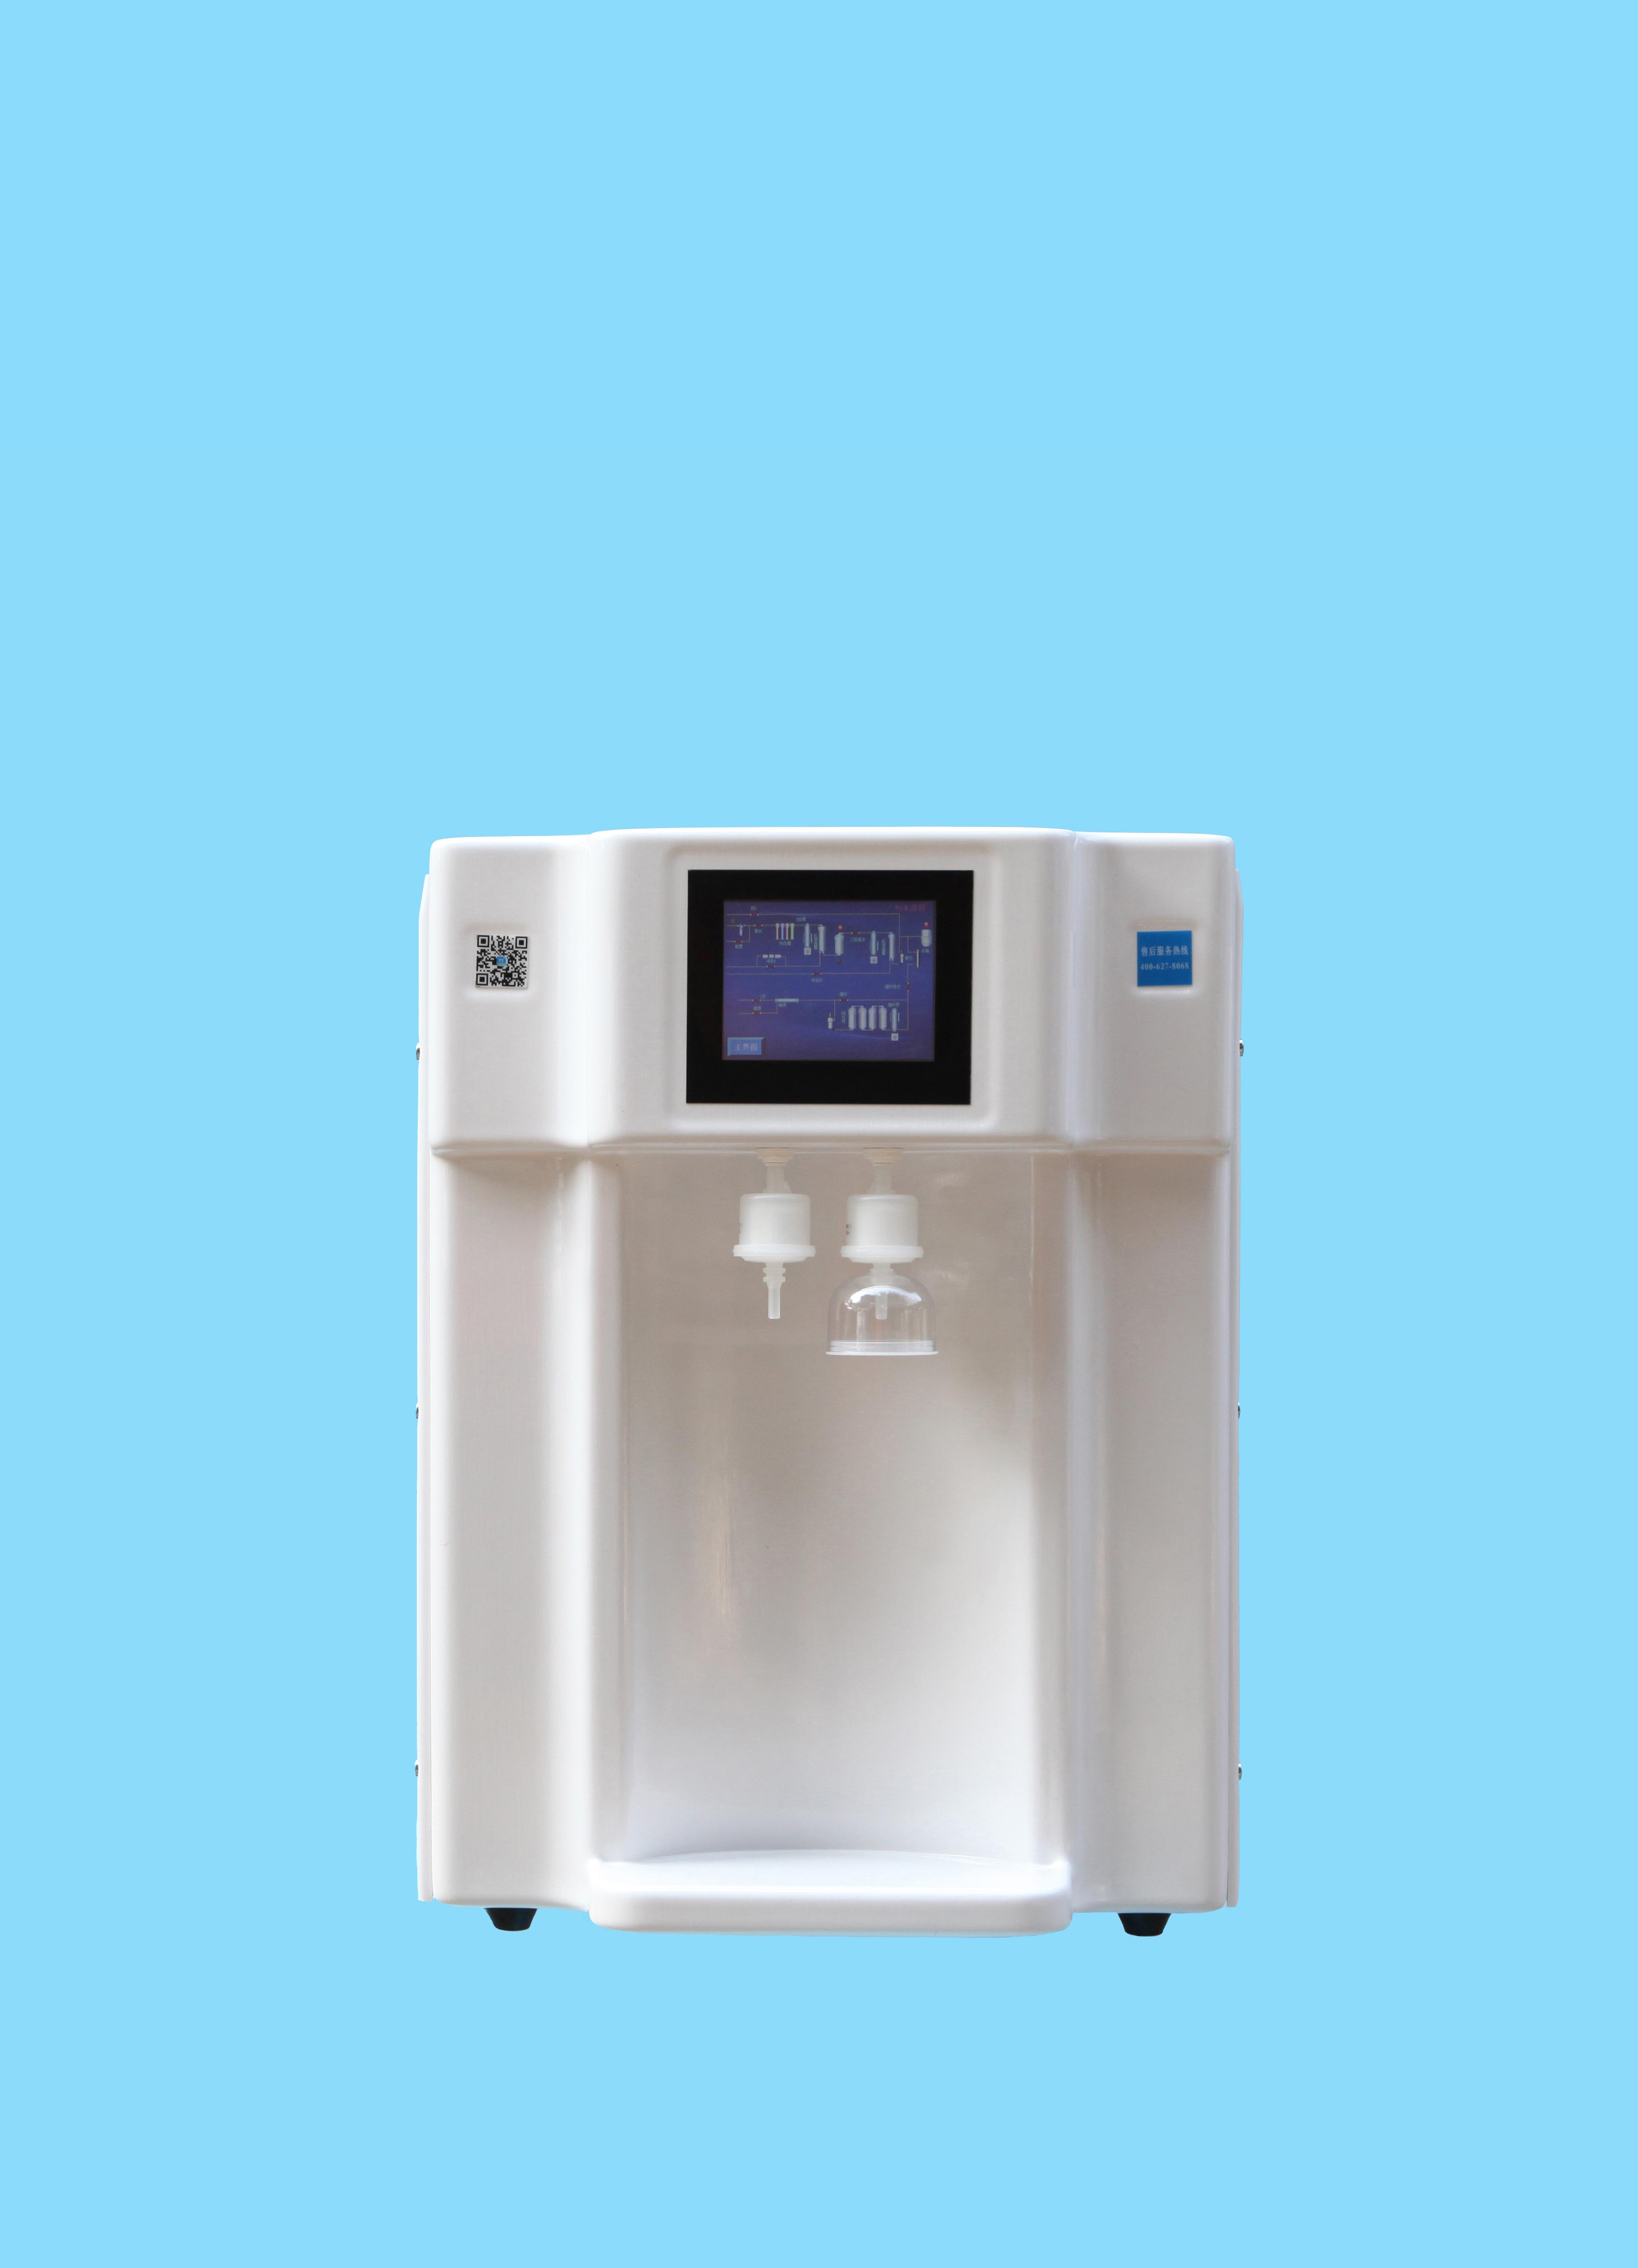 成都双泵双膜超纯水器厂家、批发、供应商【成都优越科技有限公司】